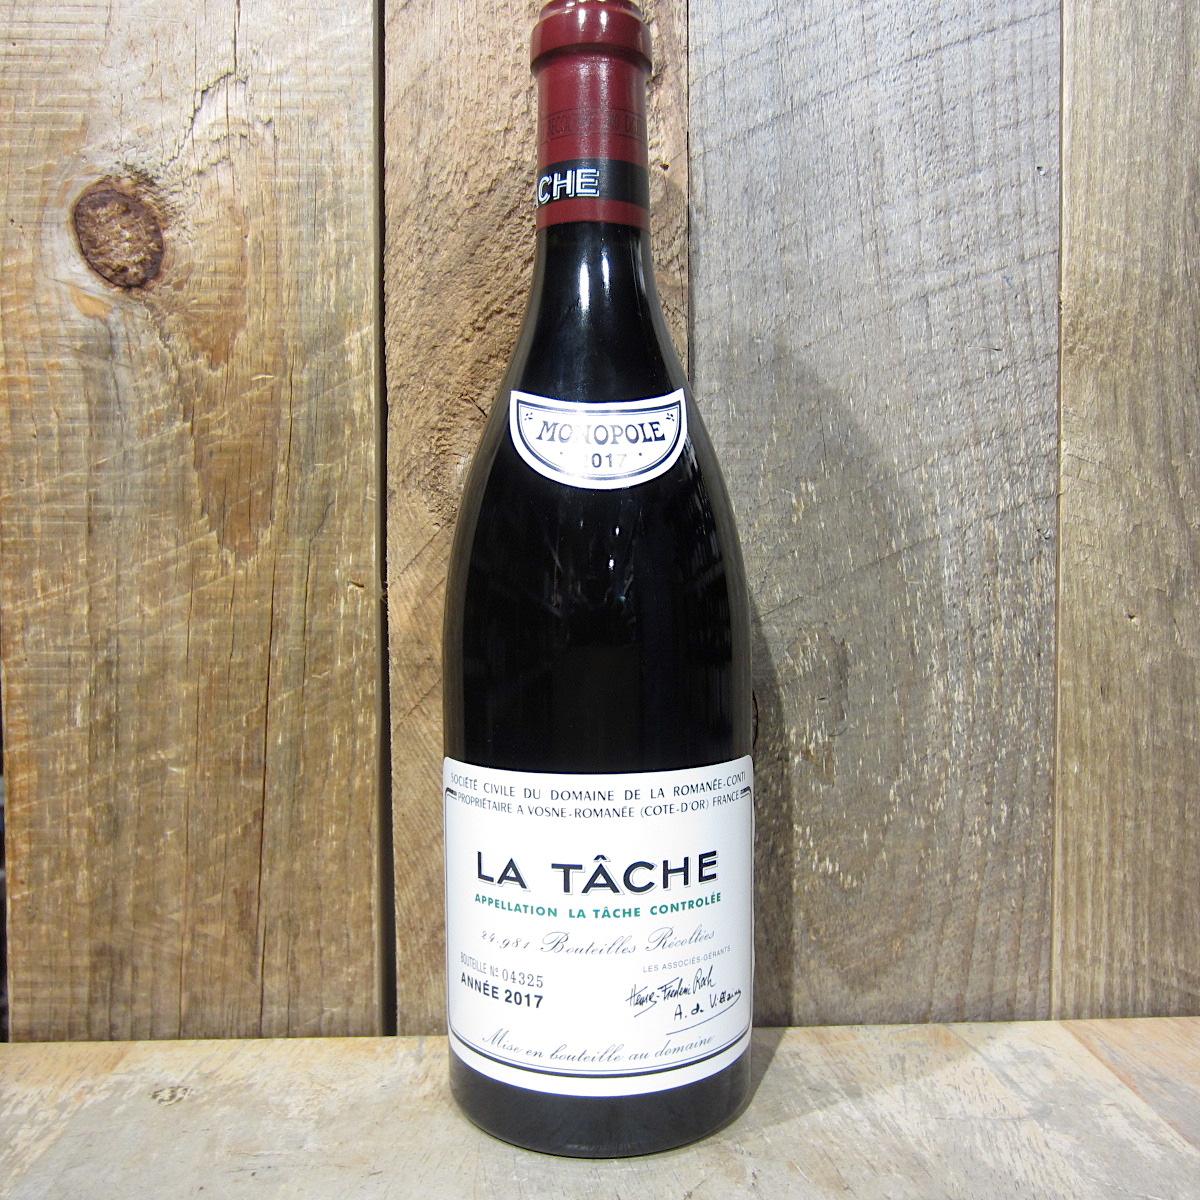 Domaine de La Romanee Conti La Tache 2017 750ml